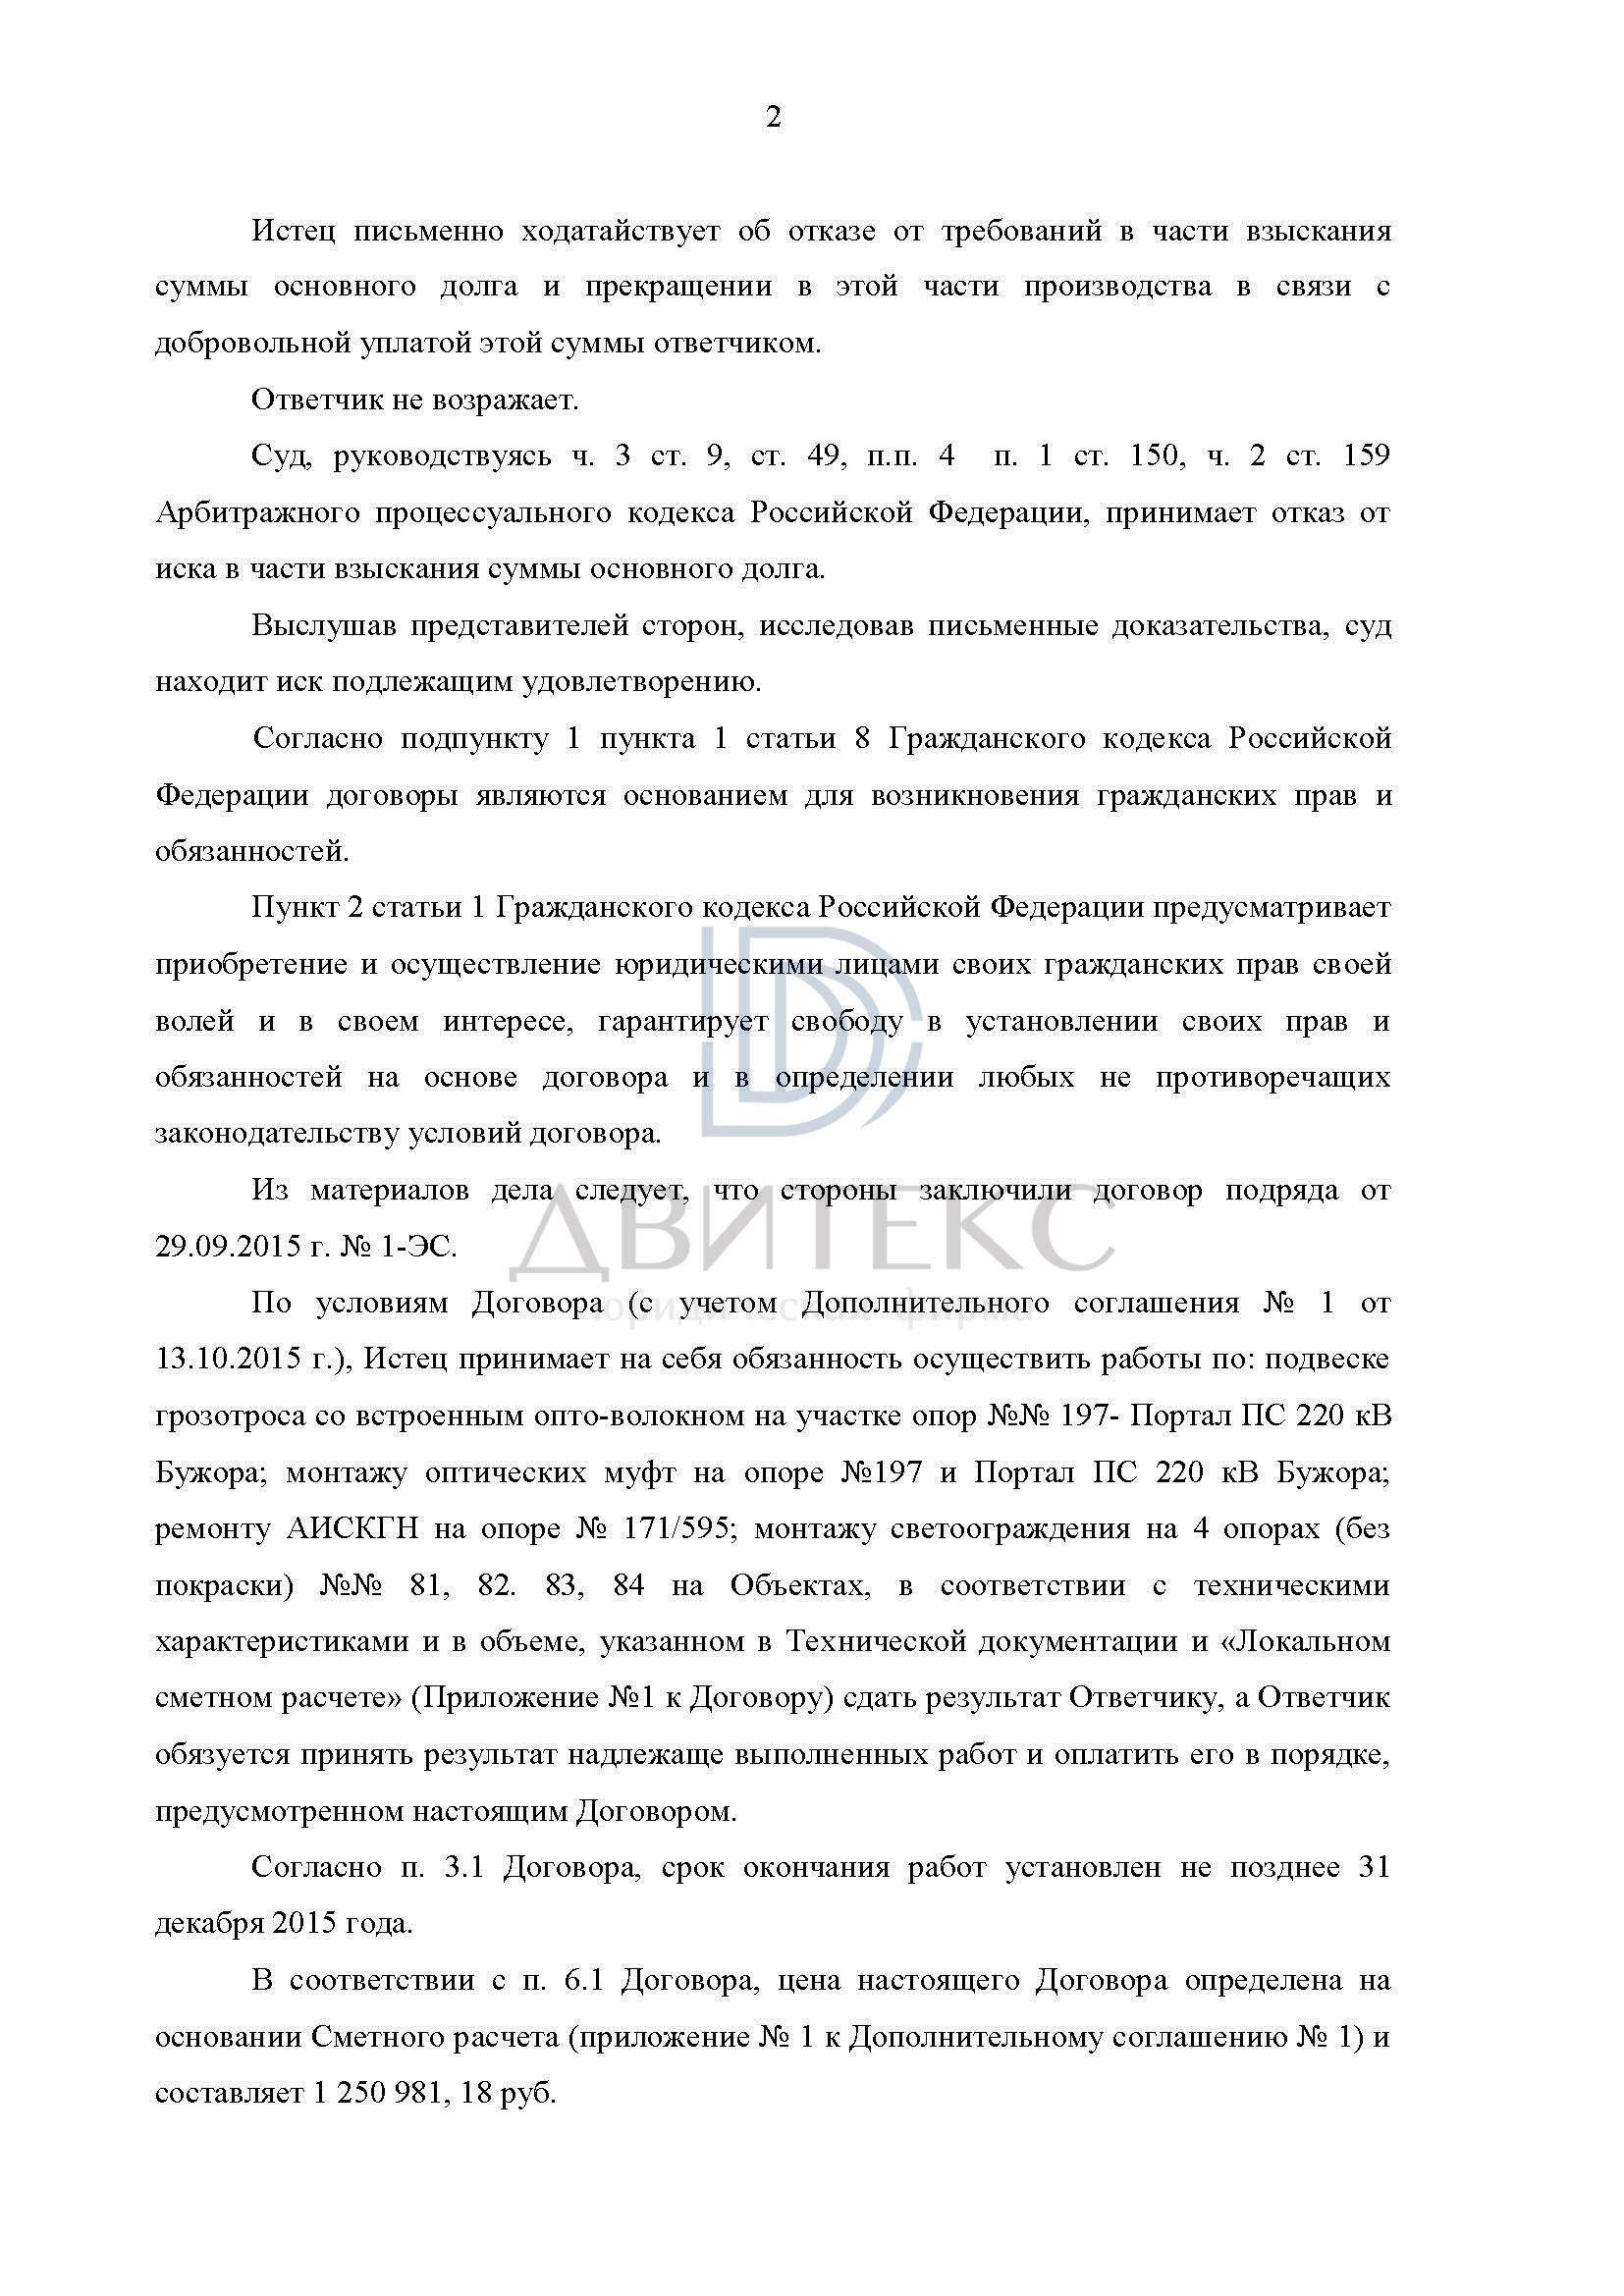 Обязанности юриста по взысканию дебиторской задолженности решение суда об оспаривании исполнительного листа